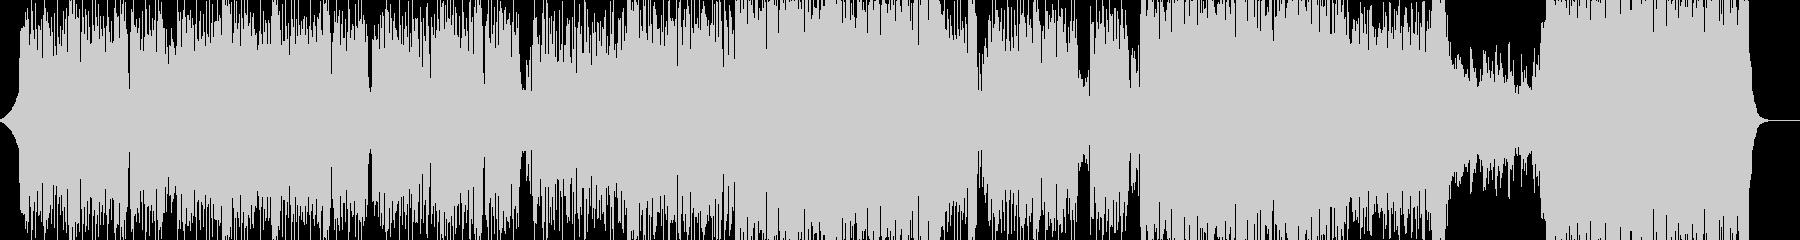 シンセベースの音が心地よいテクノの未再生の波形